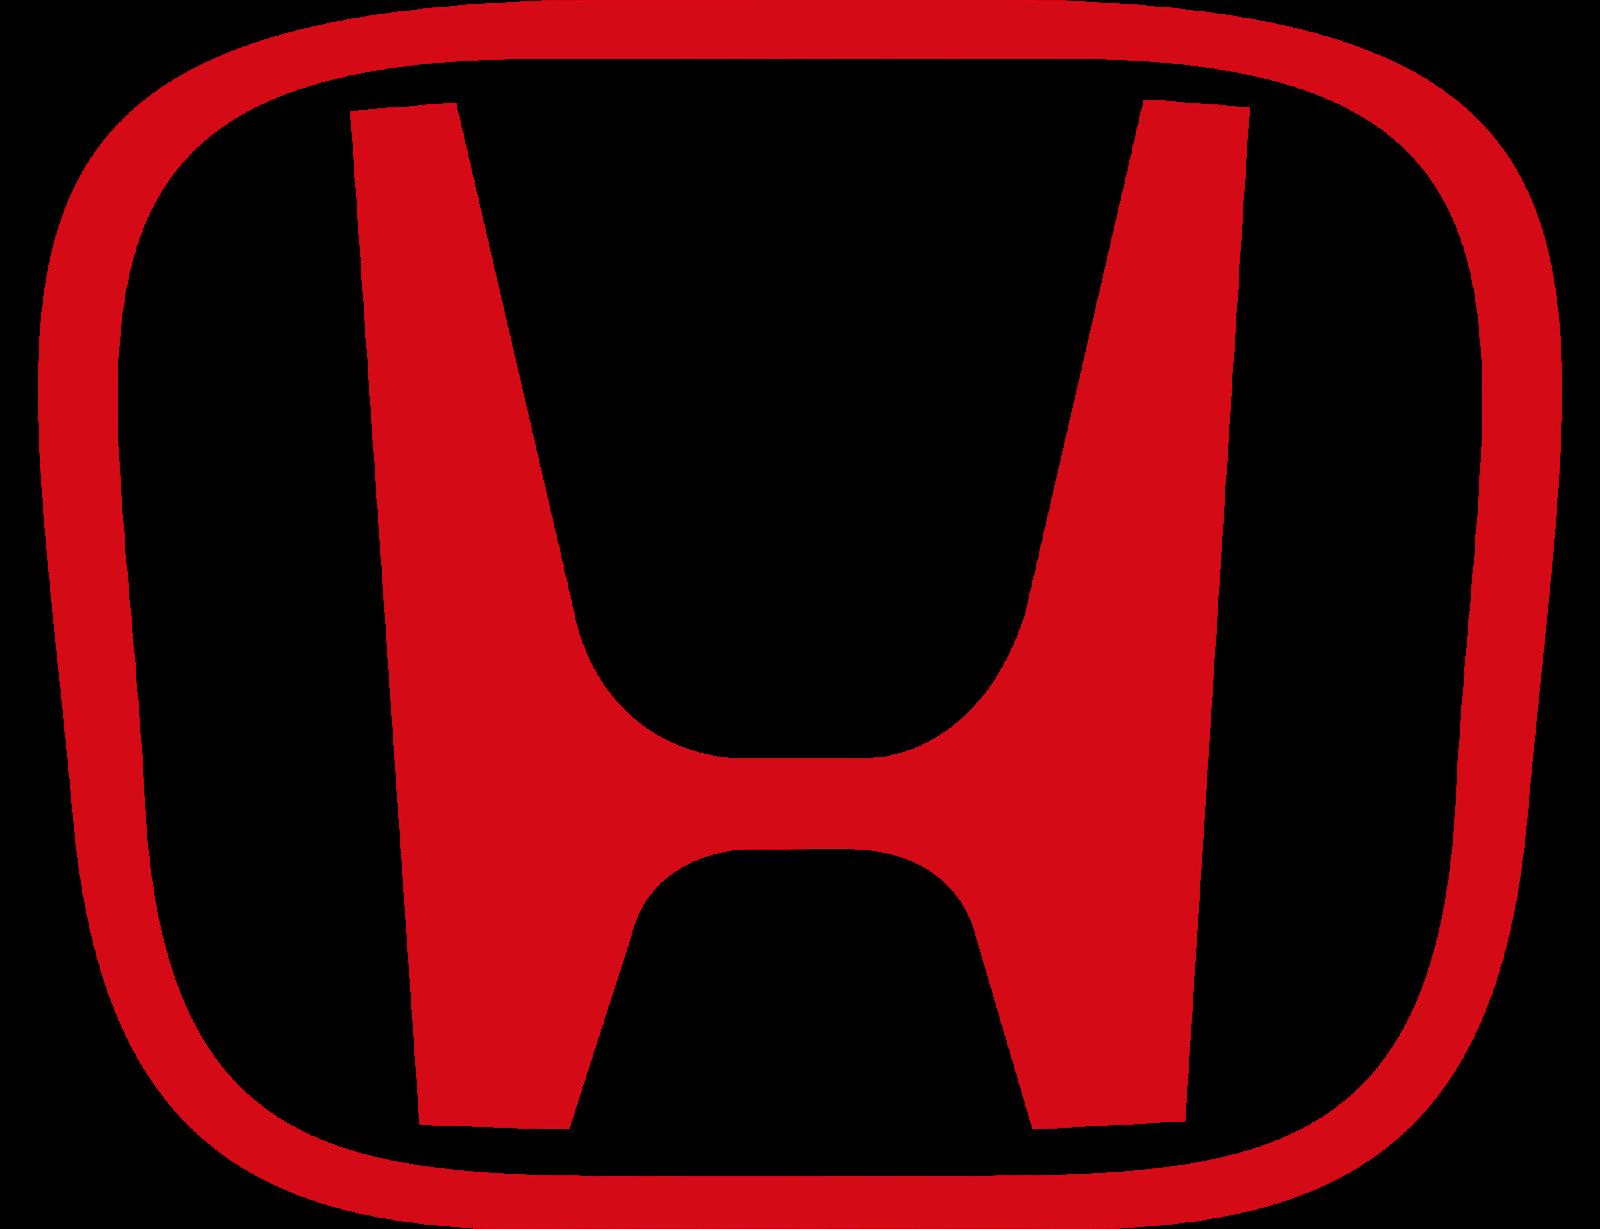 Honda H Logo image #44830